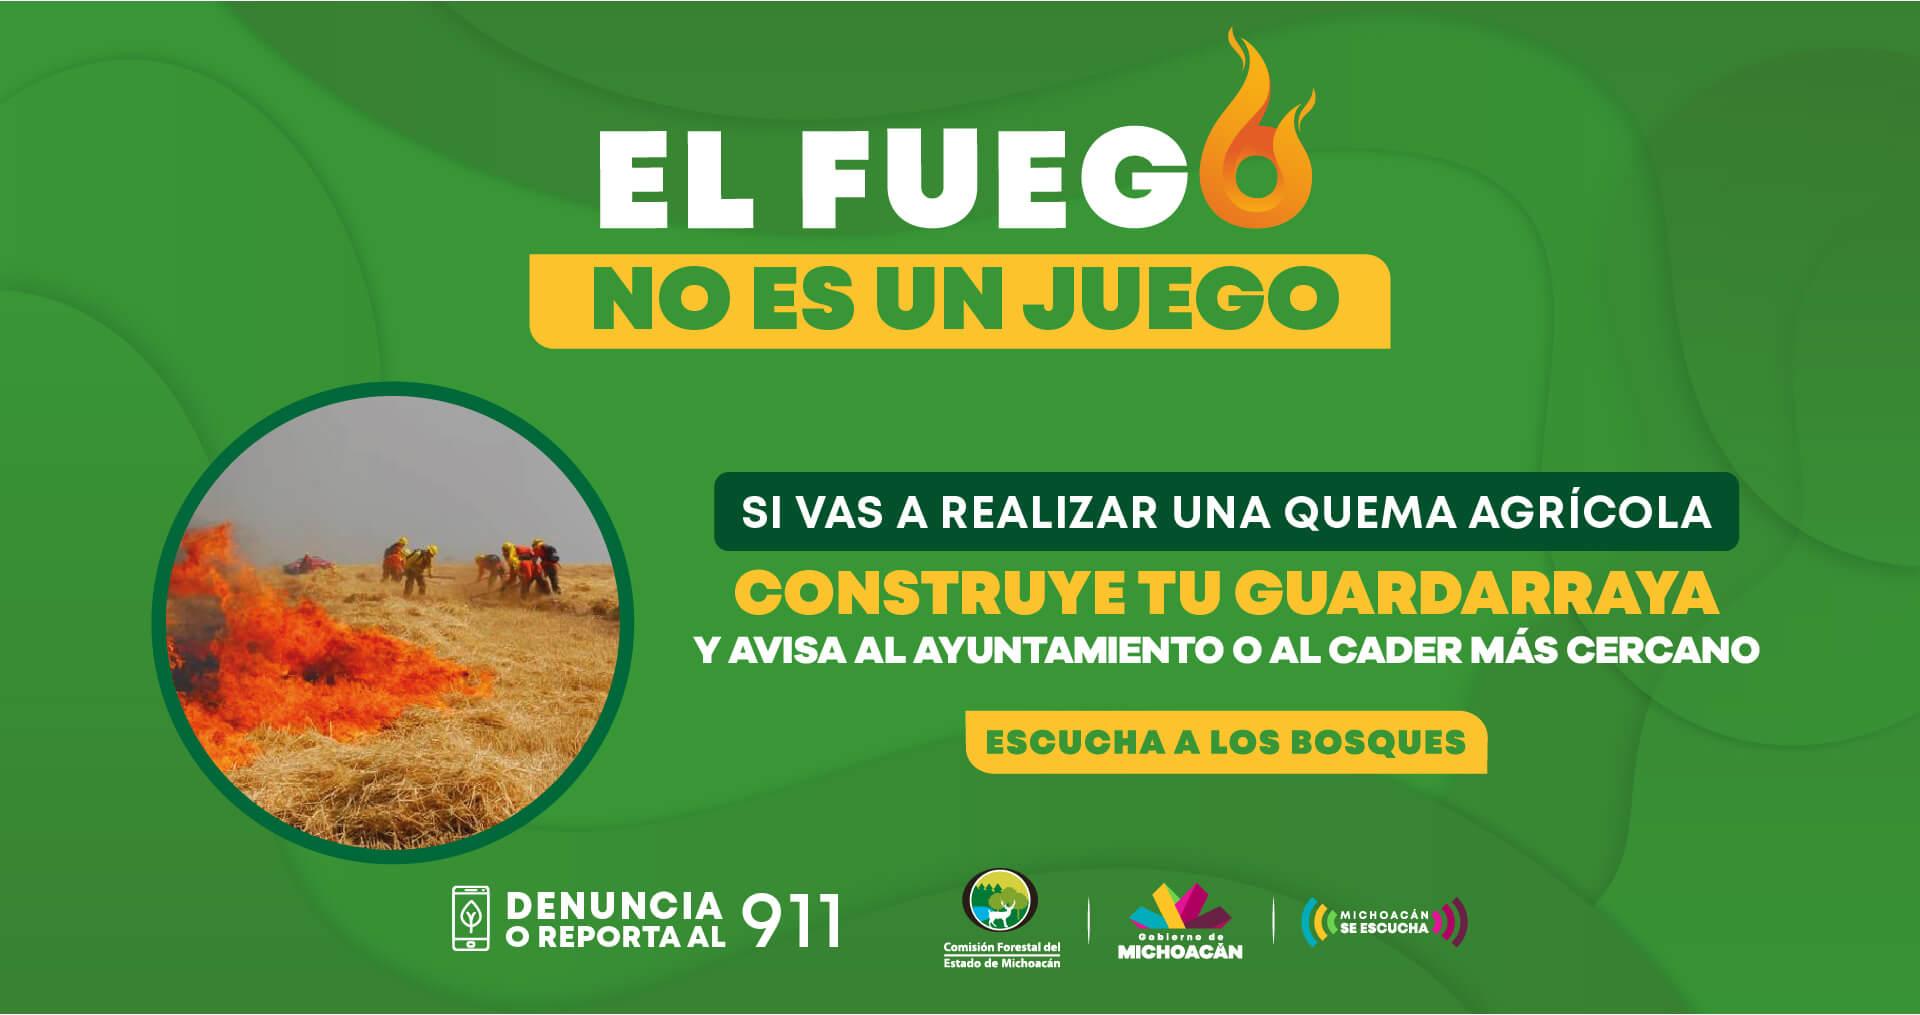 campaña contra incendios michoacan